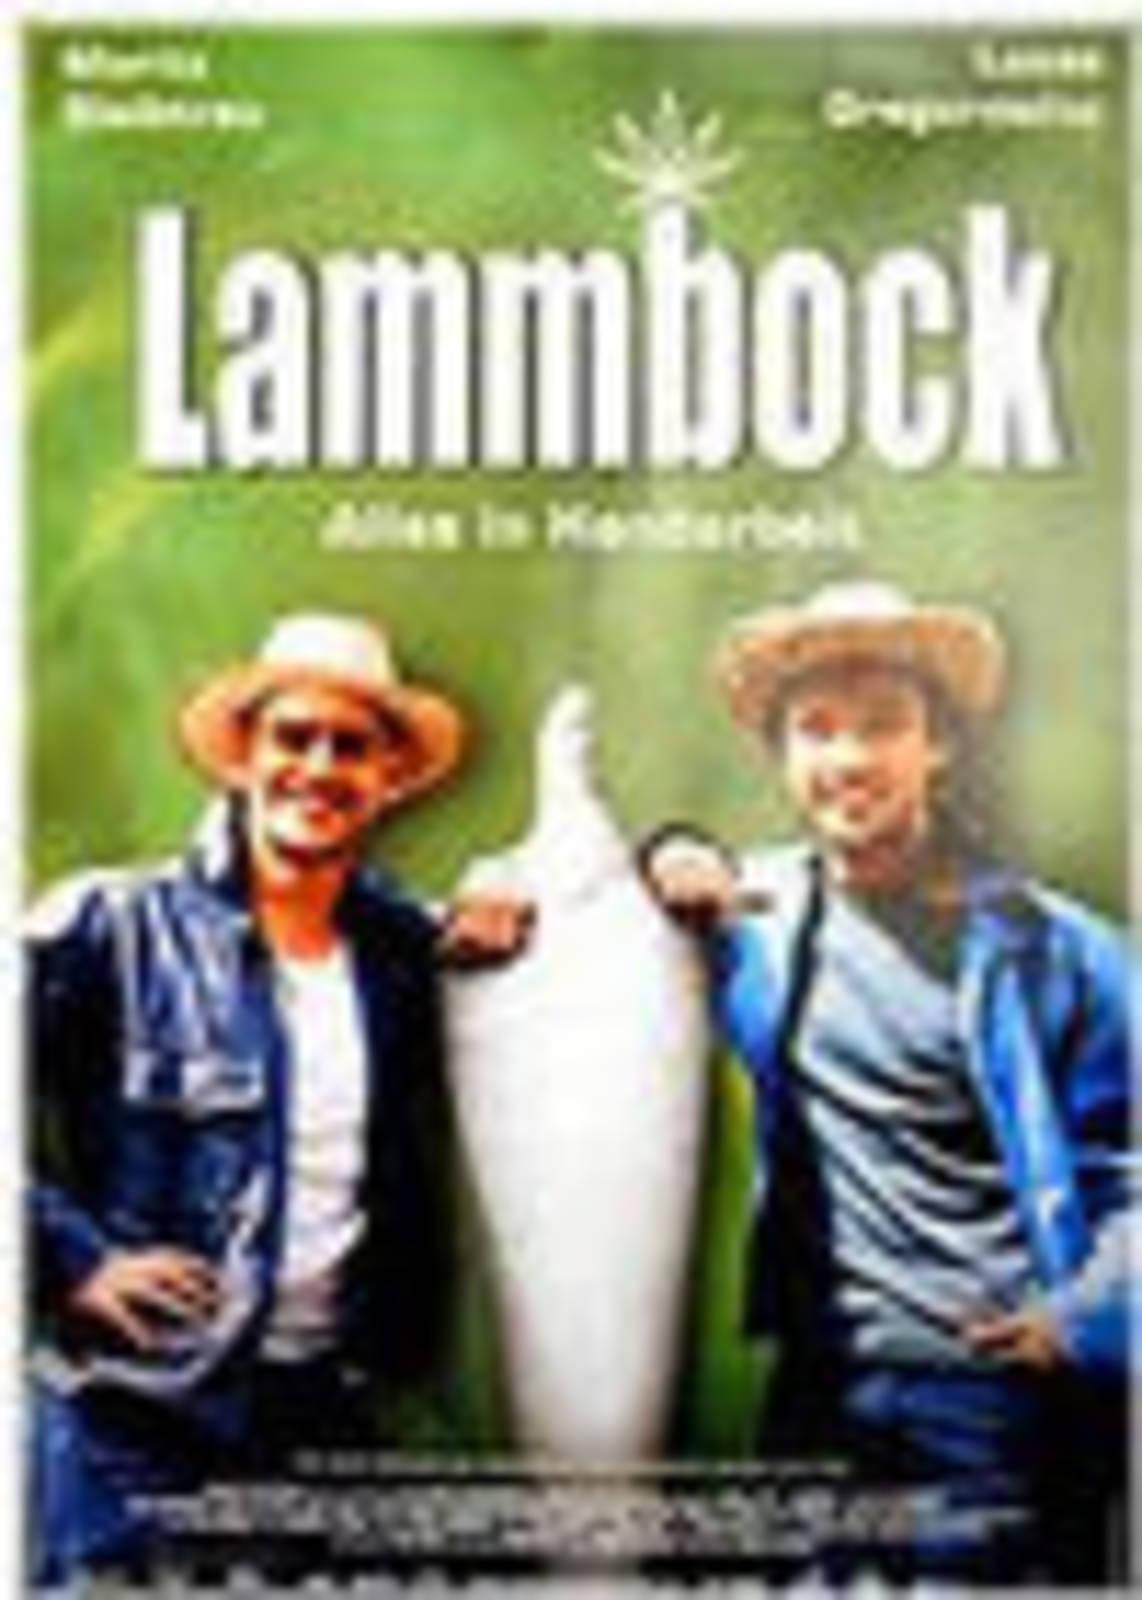 Lammbock Film